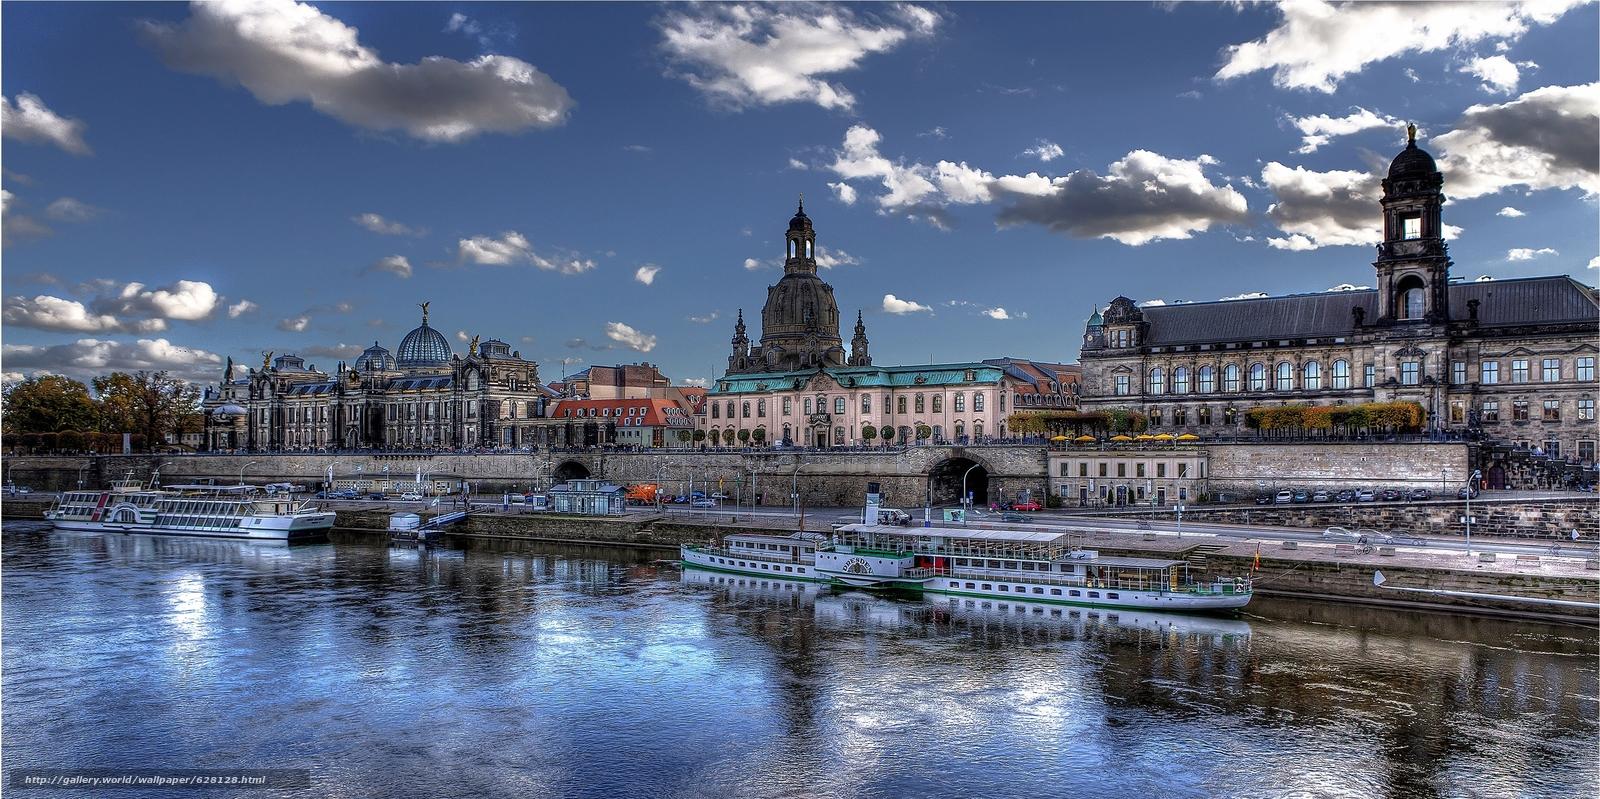 Дрезден, Германия, река Эльба